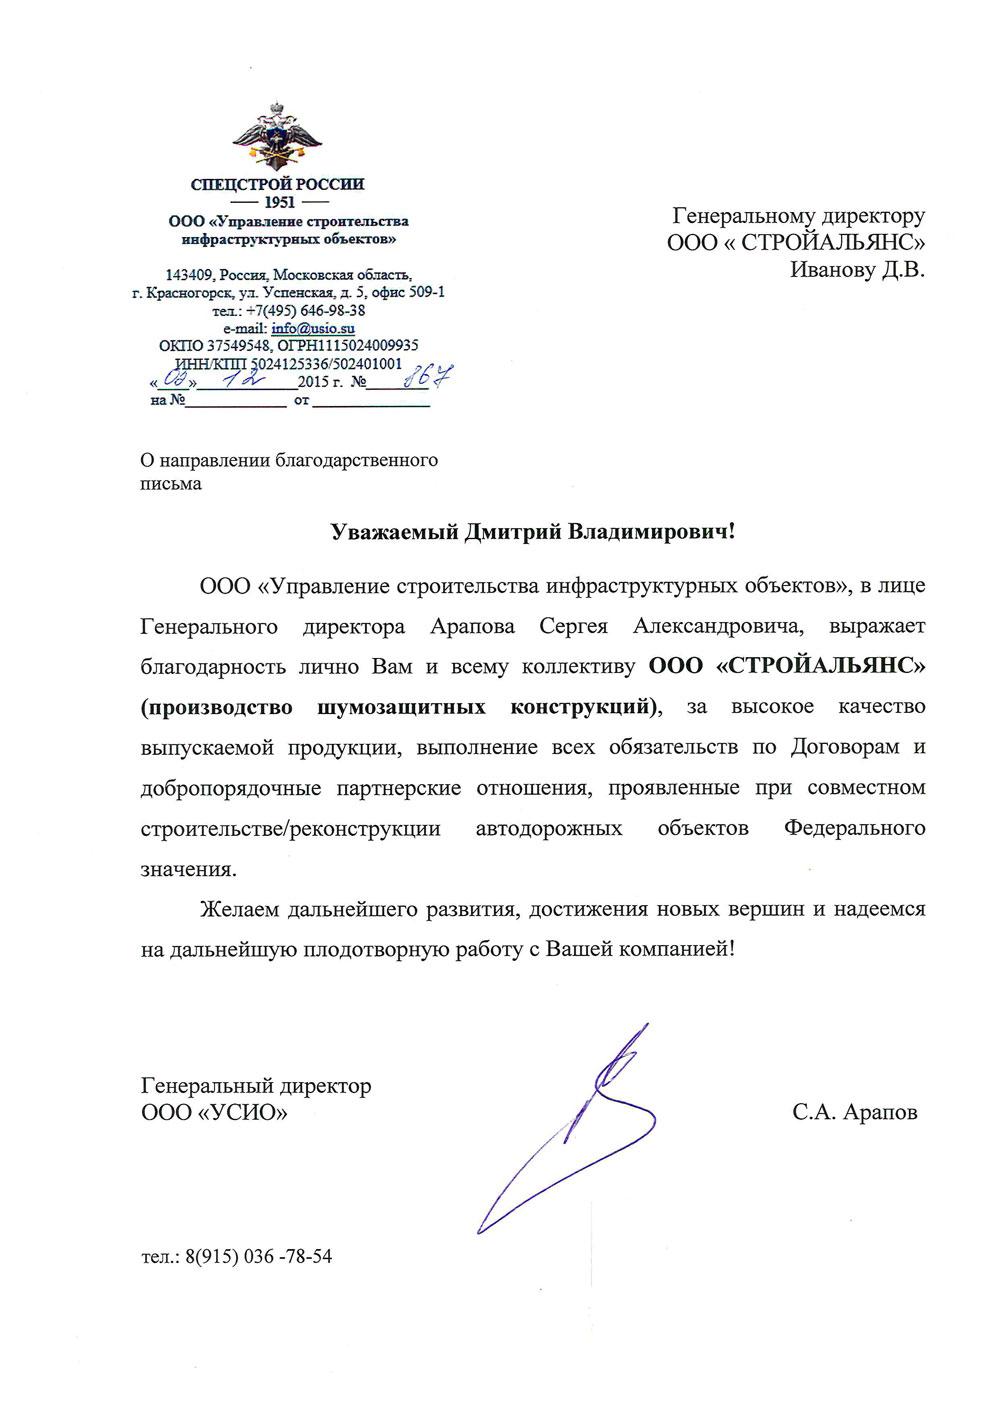 """Благодарственное письмо ООО """"УСИО"""""""